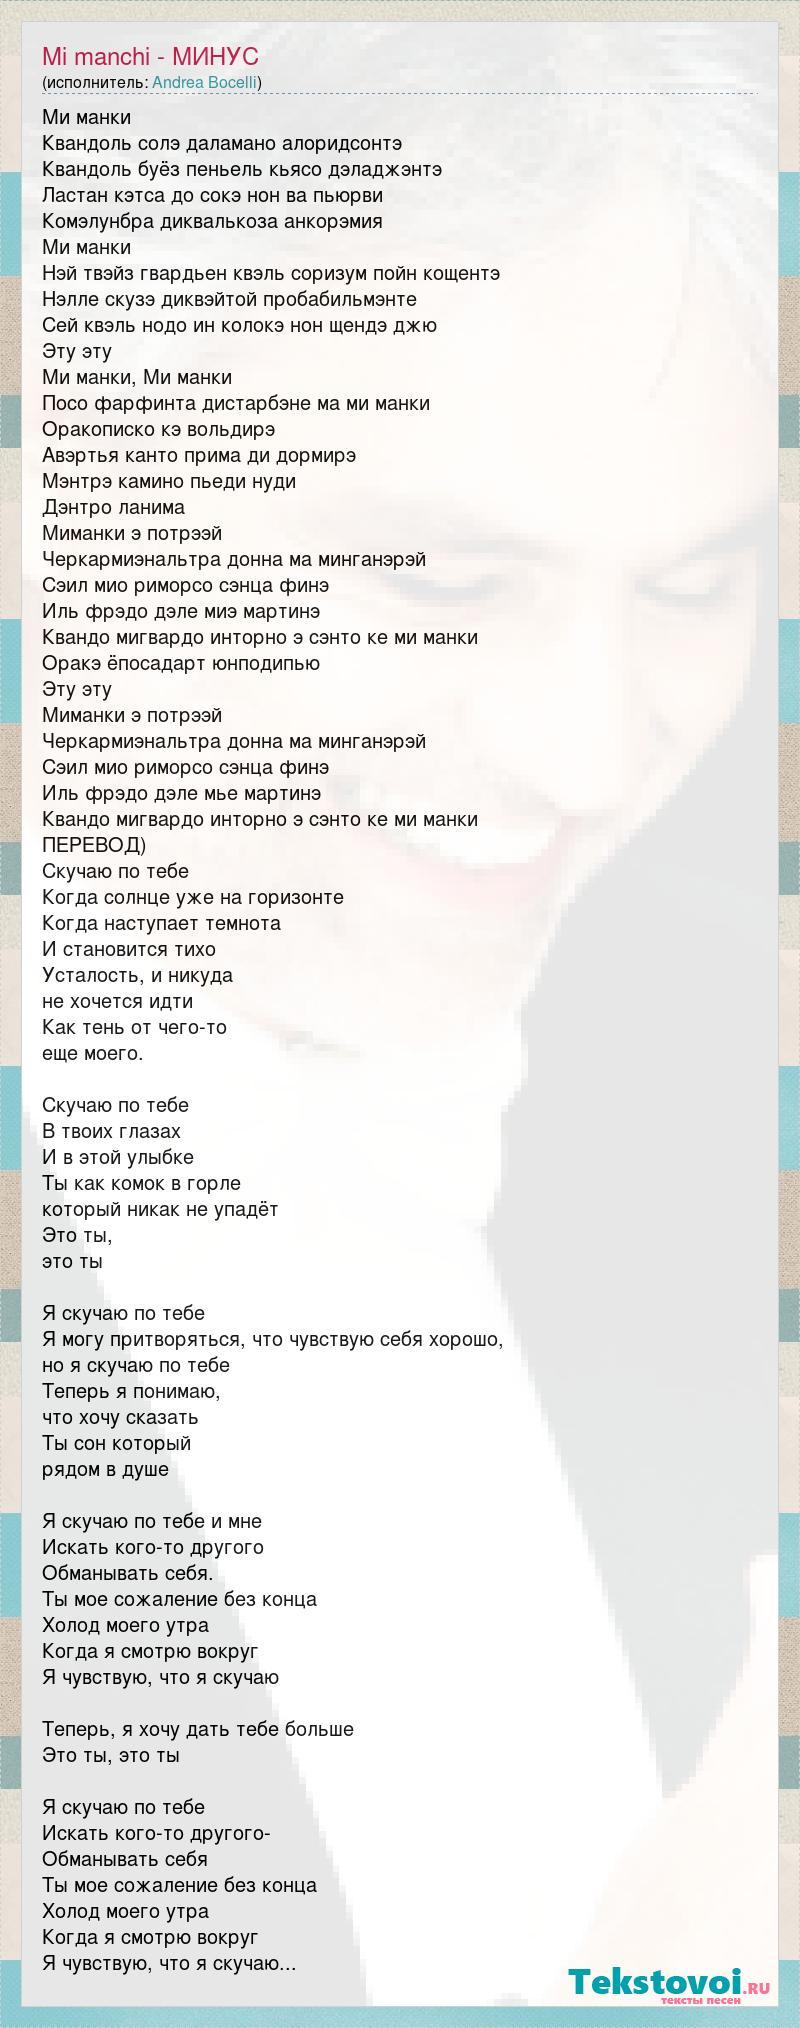 Информация по песни гимн - евро mp3 находится на данной странице.